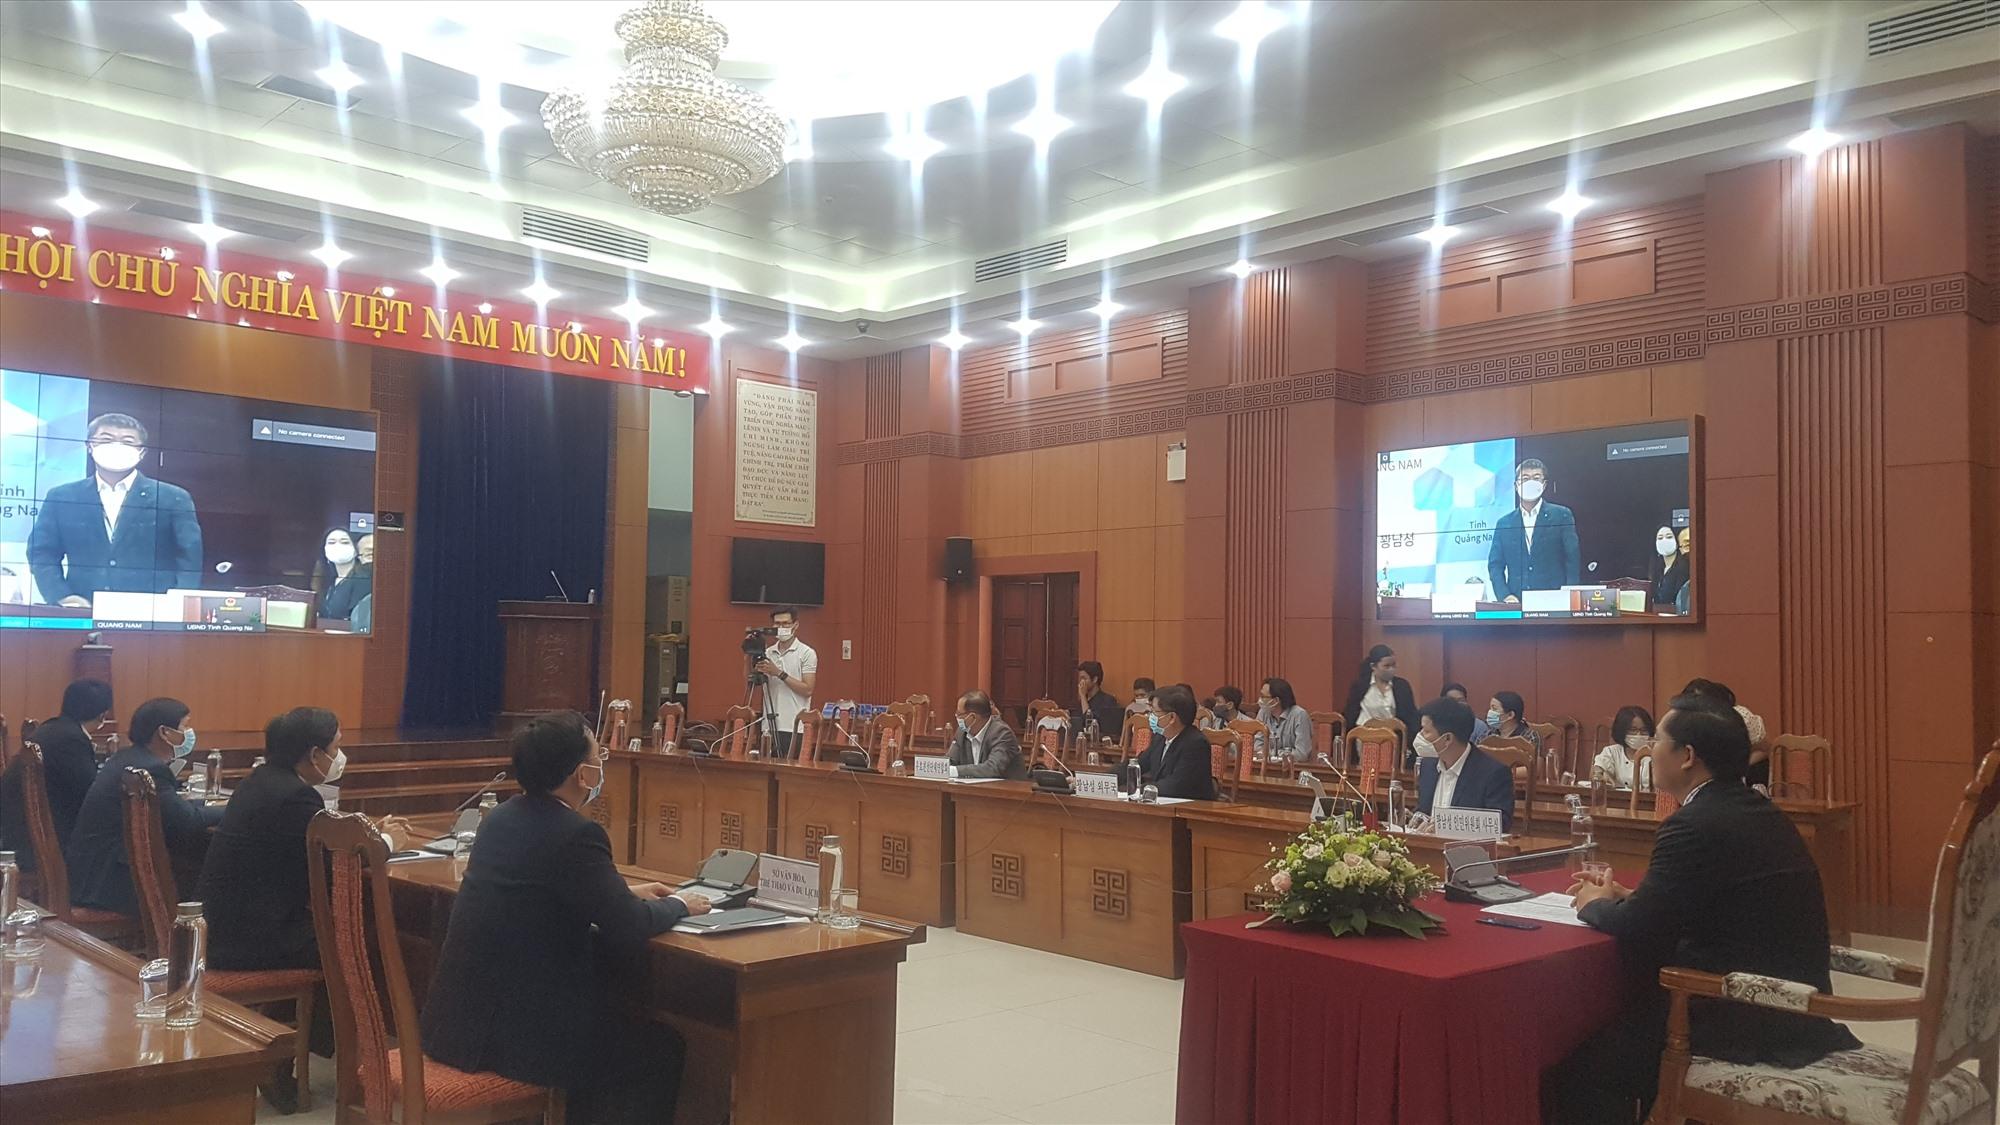 Thành phố Osan và tỉnh Quảng Nam họp trực tuyến vào chiều nay. Ảnh: D.L